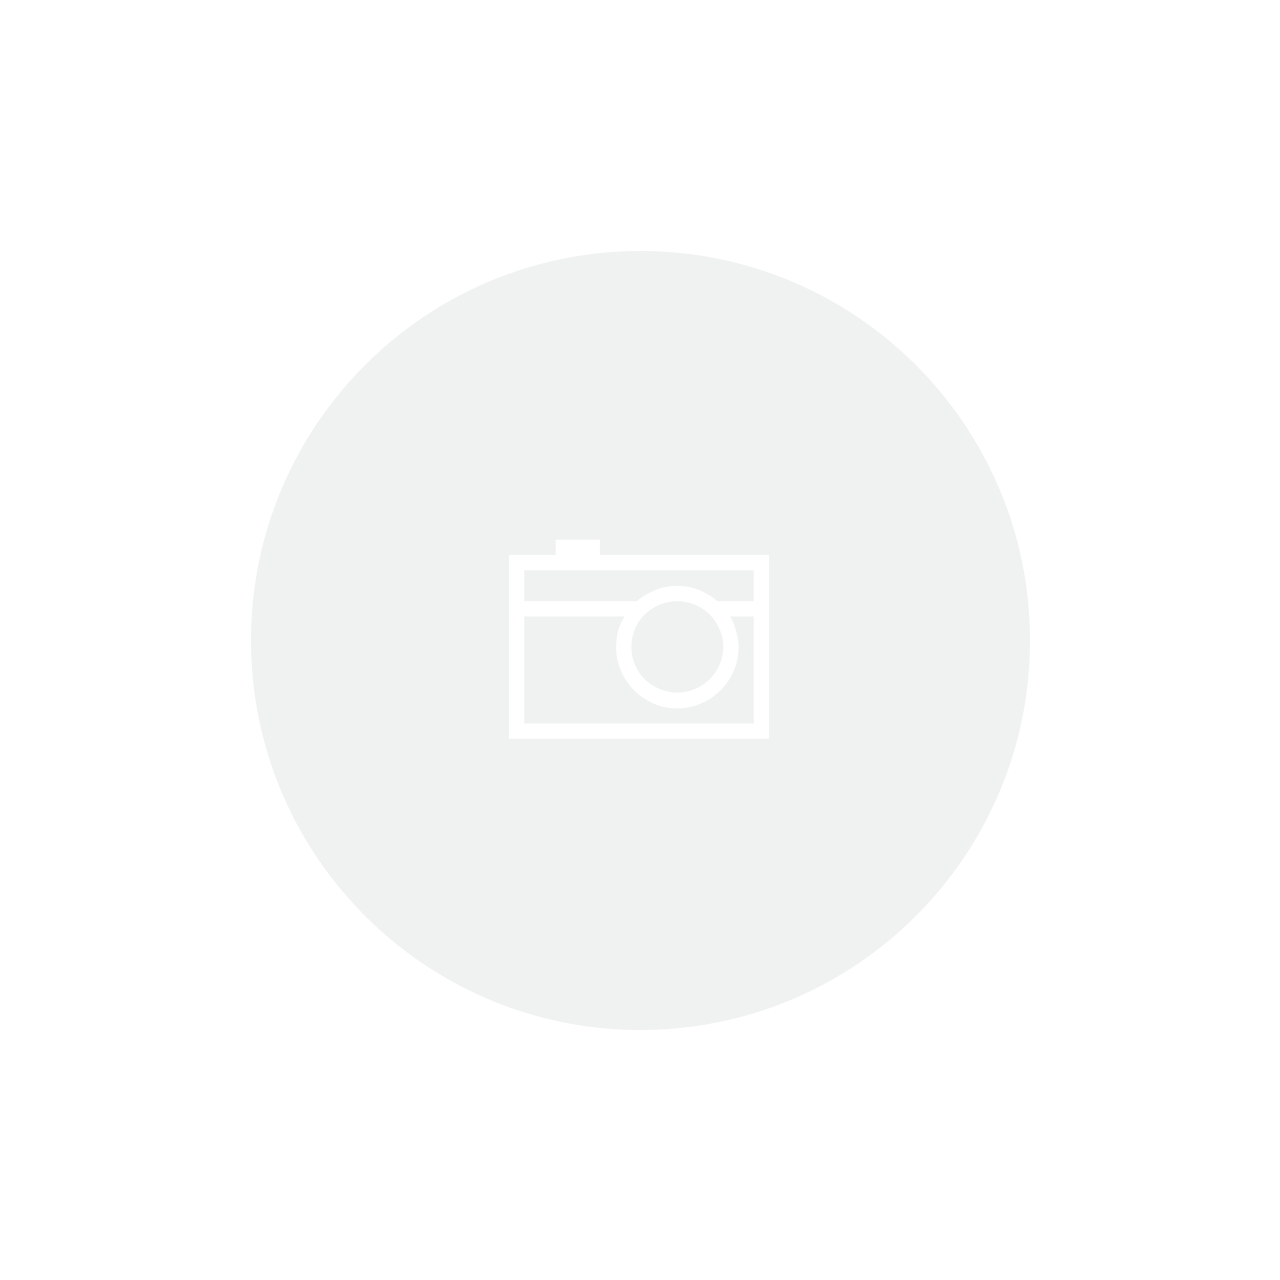 HD Notebook 500GB WD Blue Laptop 7mm SATA 6.0Gb/s - WD5000LPCX